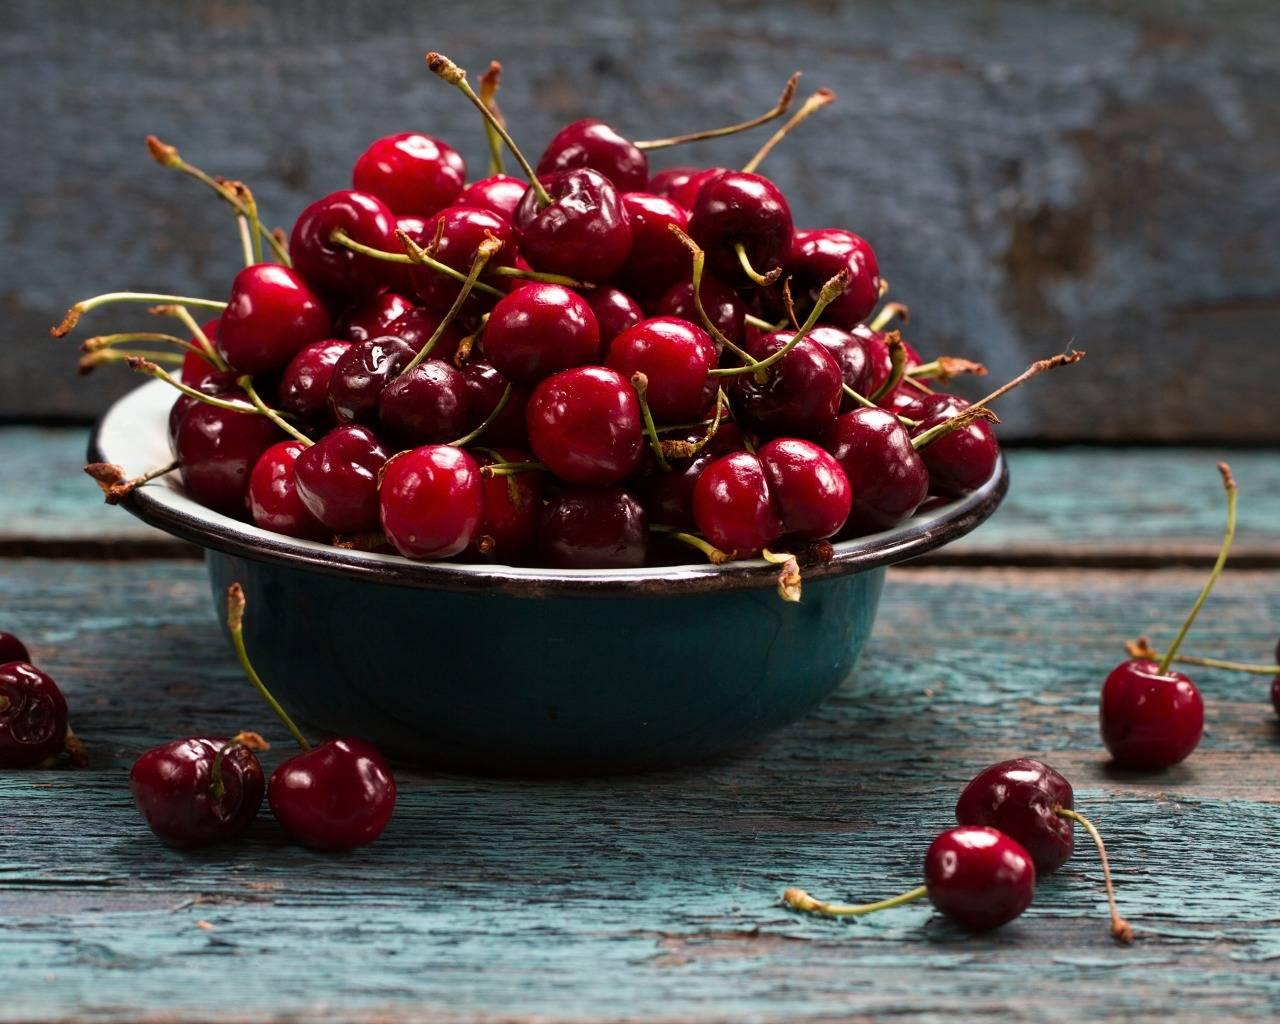 Сорт вишни призвание: описание с фото